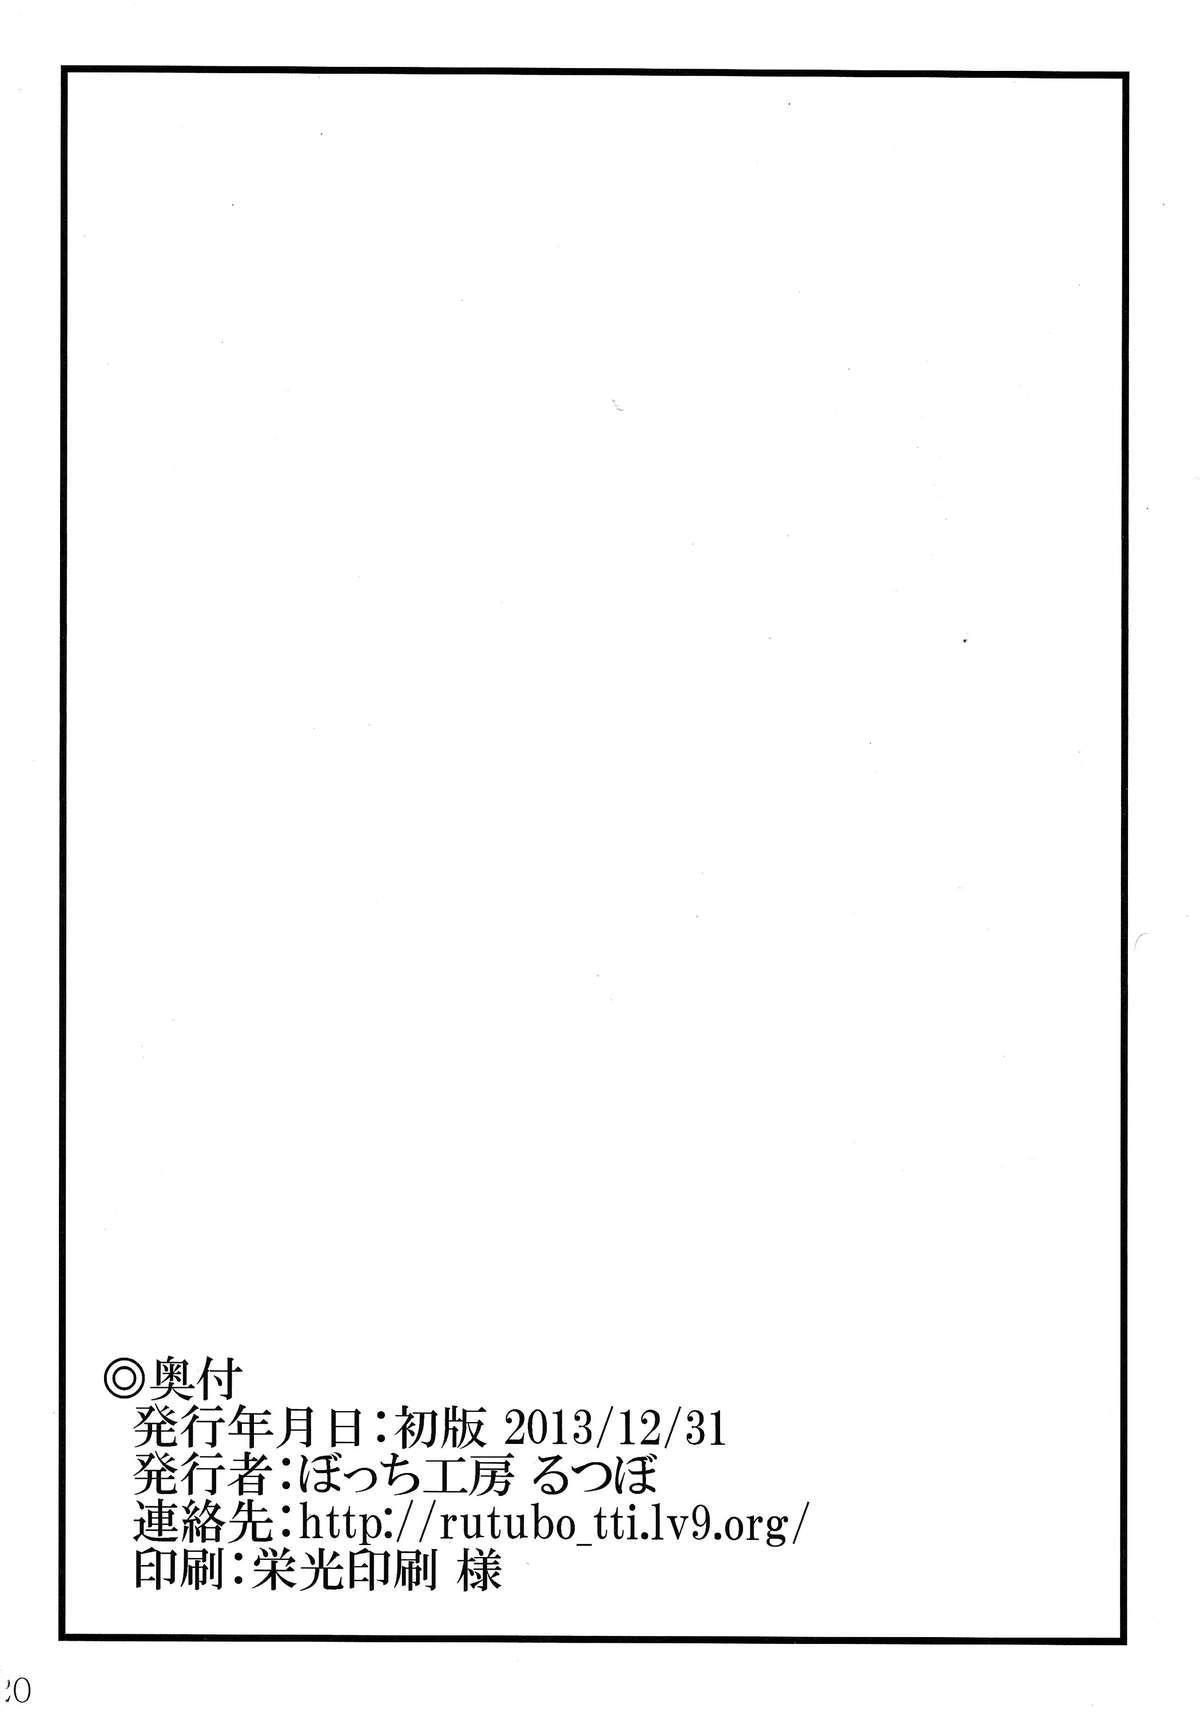 (C85) [Bocchi Koubou (Rutubo)] Hebigami Nadeko-chan ga Futanari Shinobu-chan no Ochinchin de Onanii Suru Hon (Bakemonogatari) 20